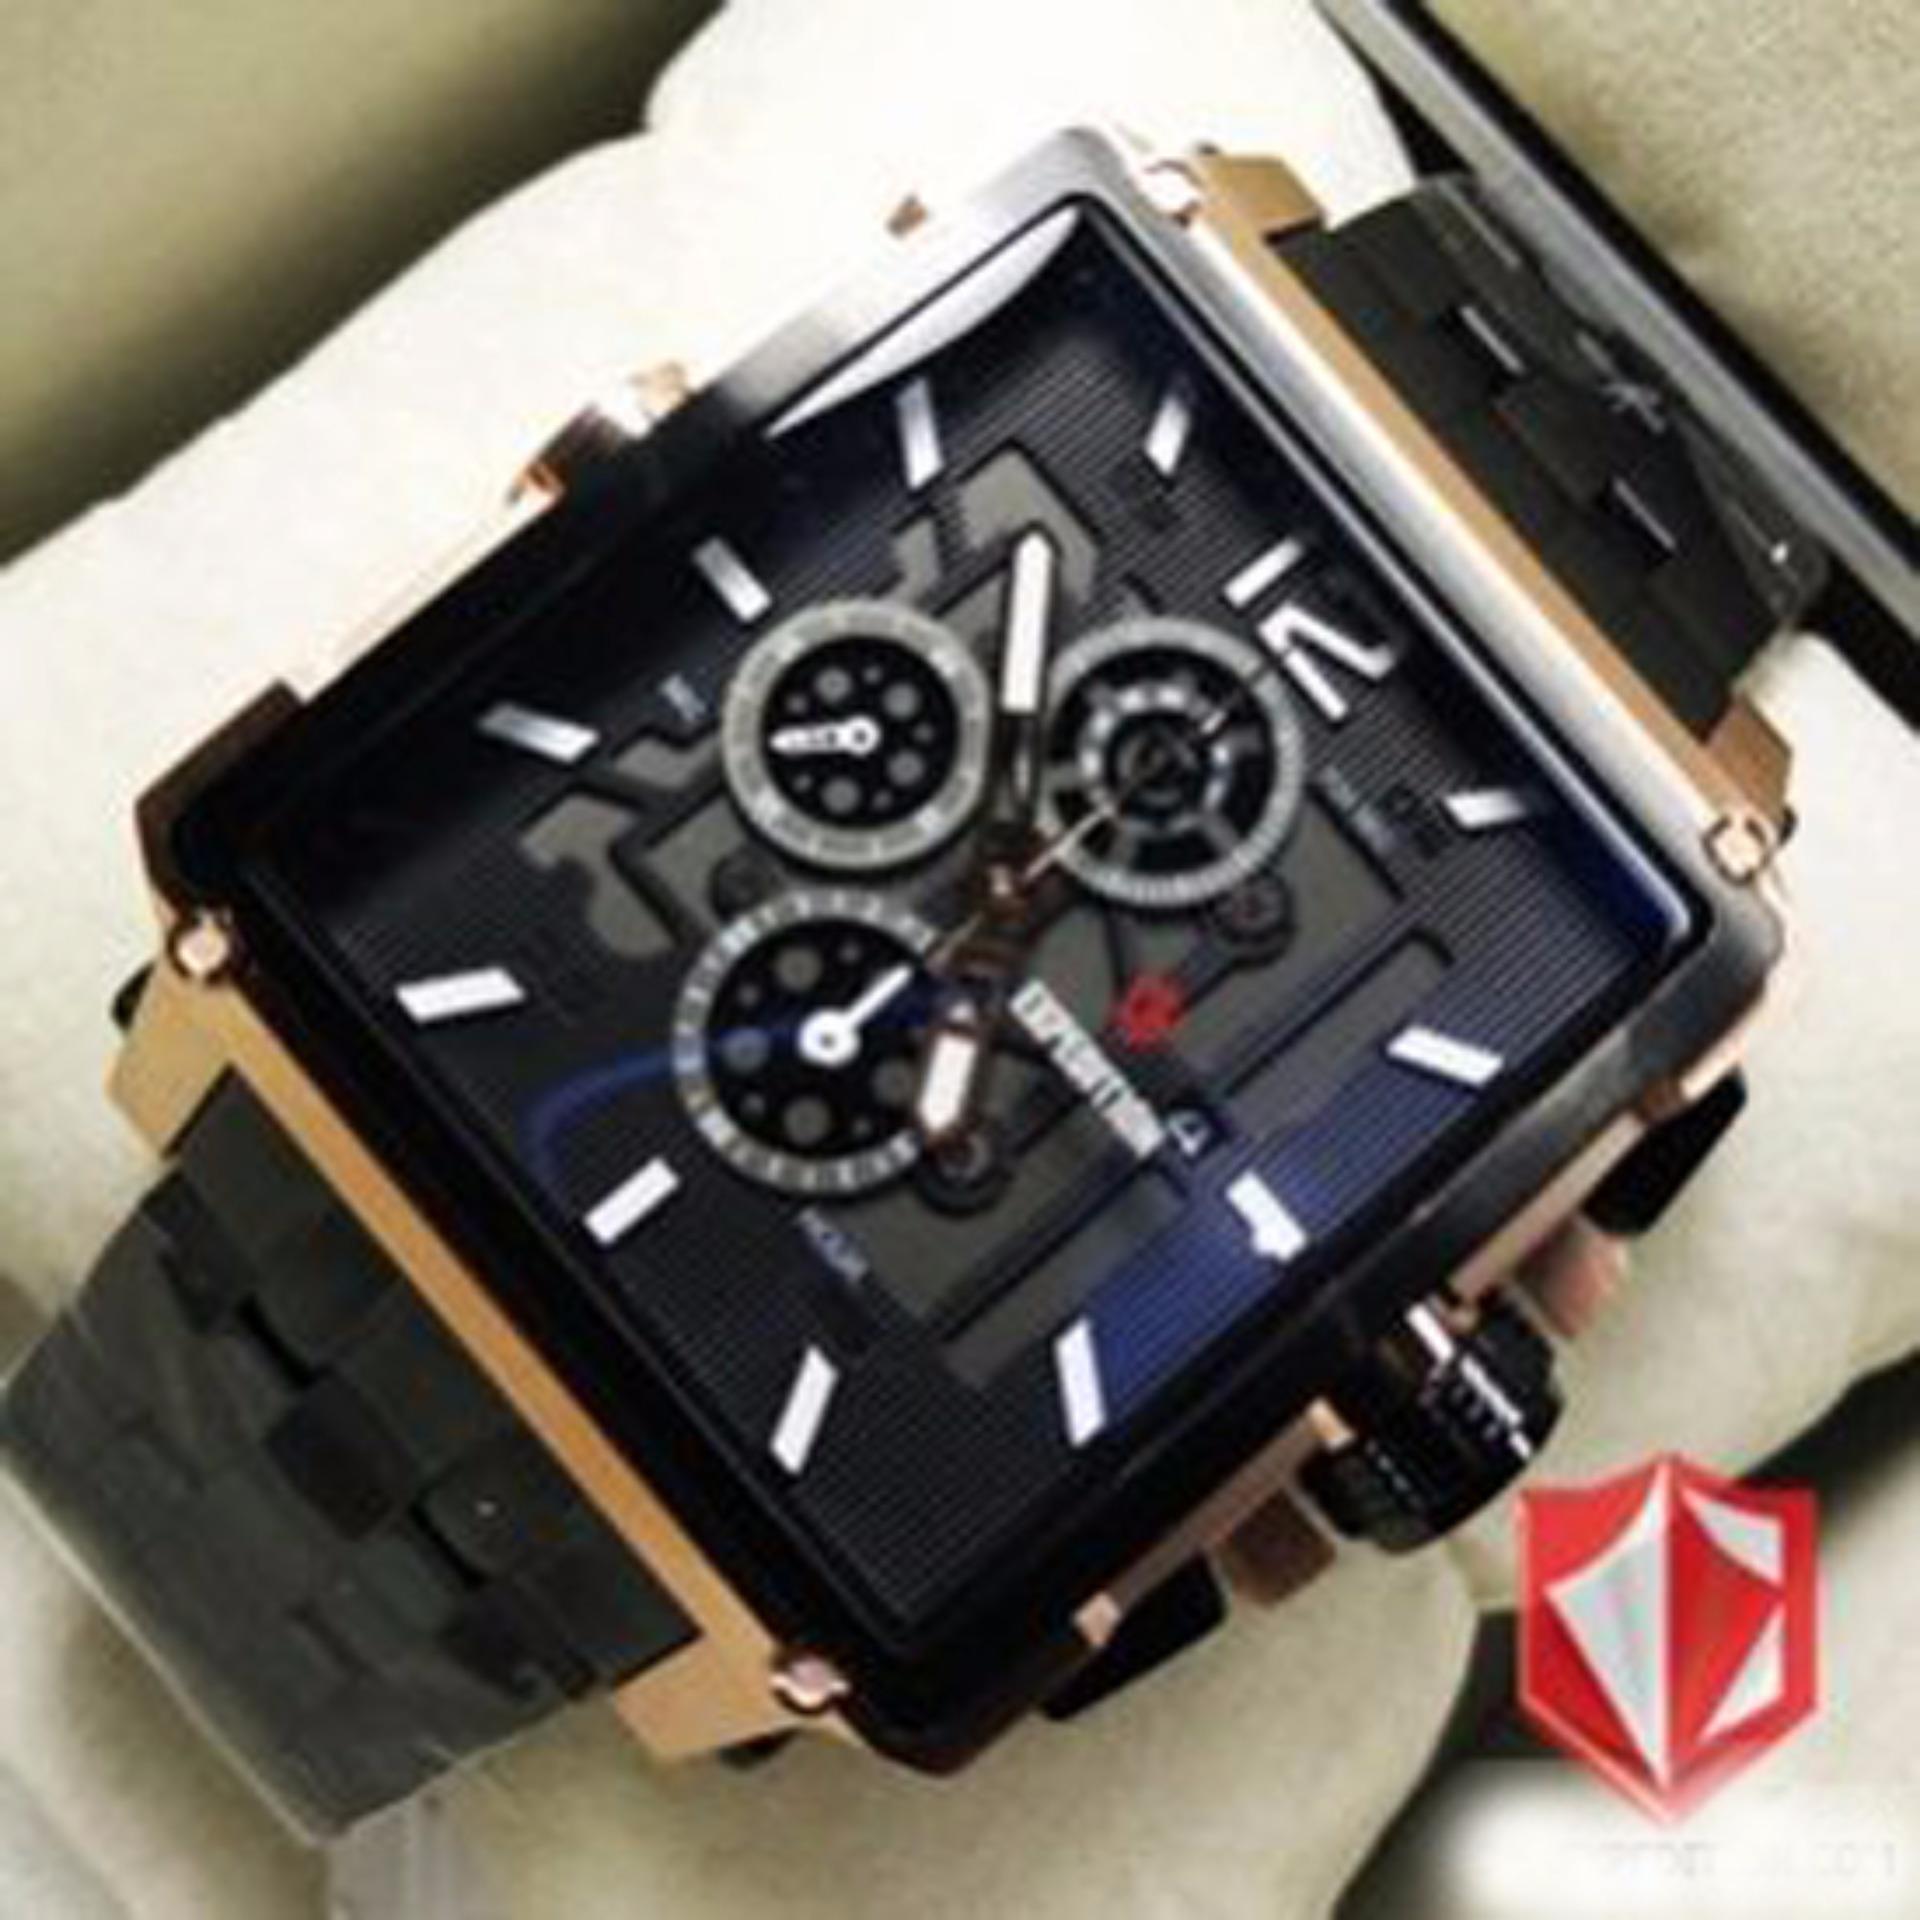 Jam Tangan Expedition E6694mrb Rose Black Original Pria E6679 Limited Edition E6618mbr Brown Terbaru Fashion